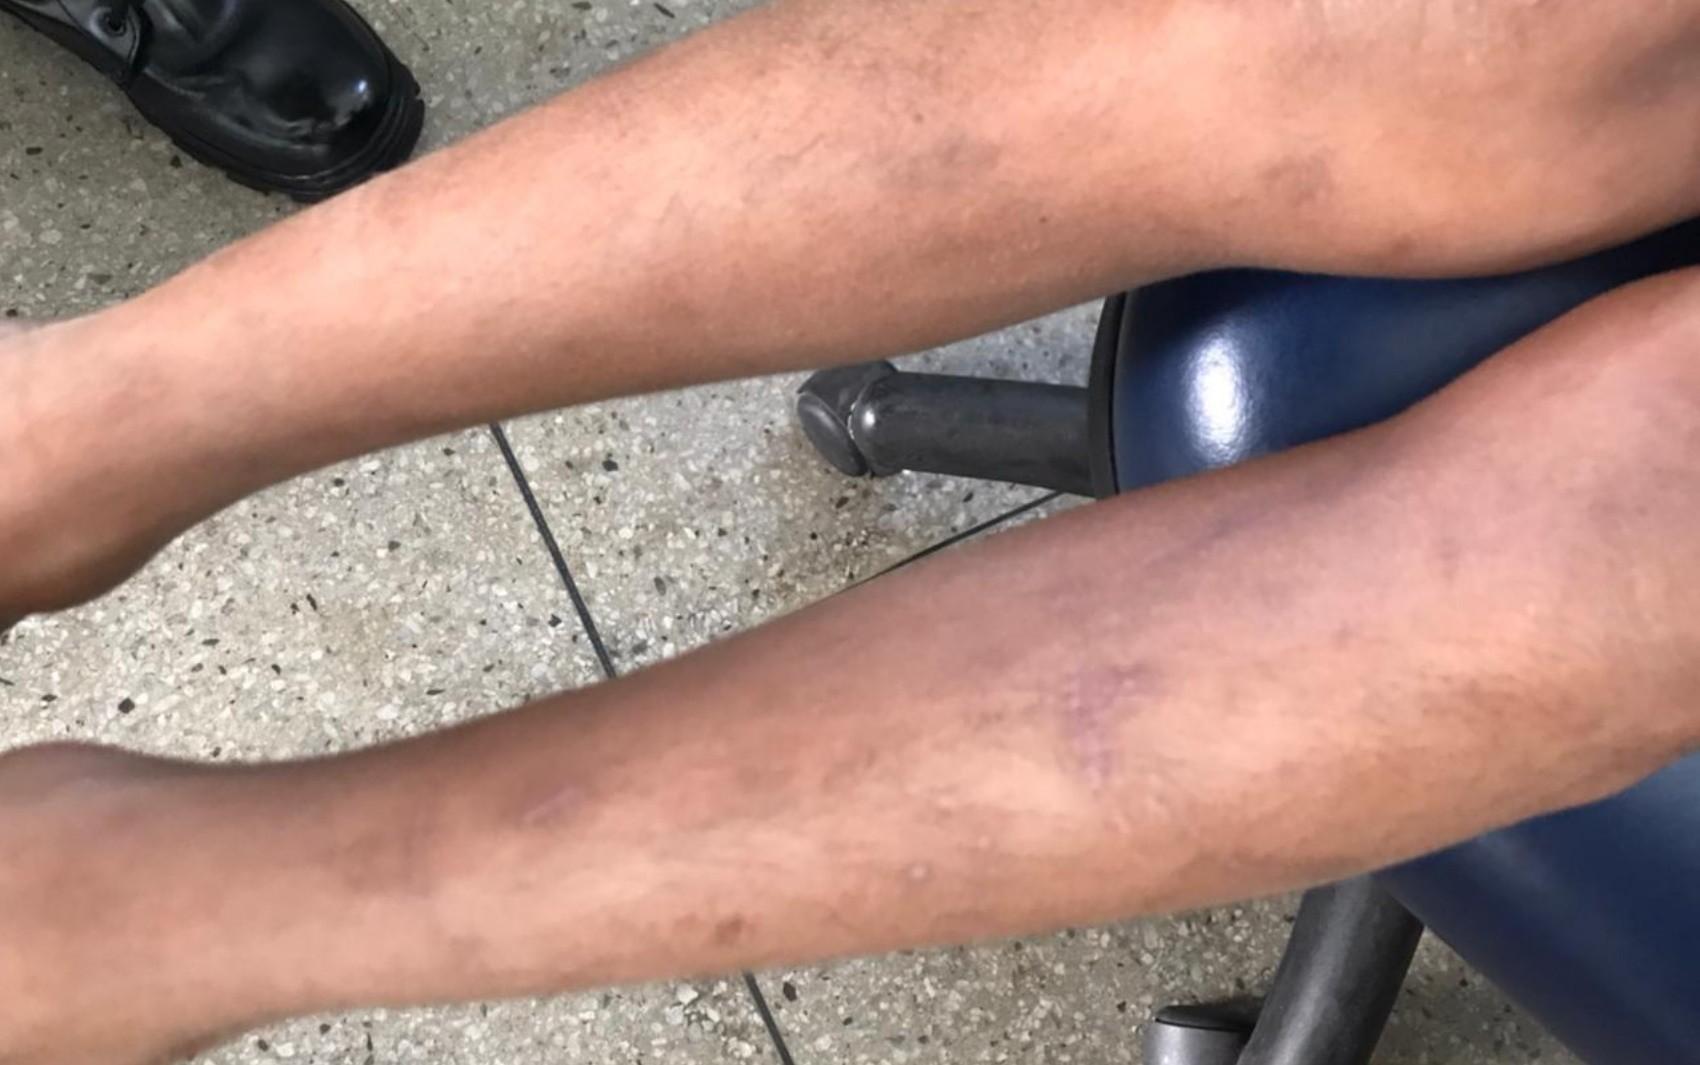 Pai de crianças que fugiram de casa e relataram agressões é solto, diz Conselho Tutelar